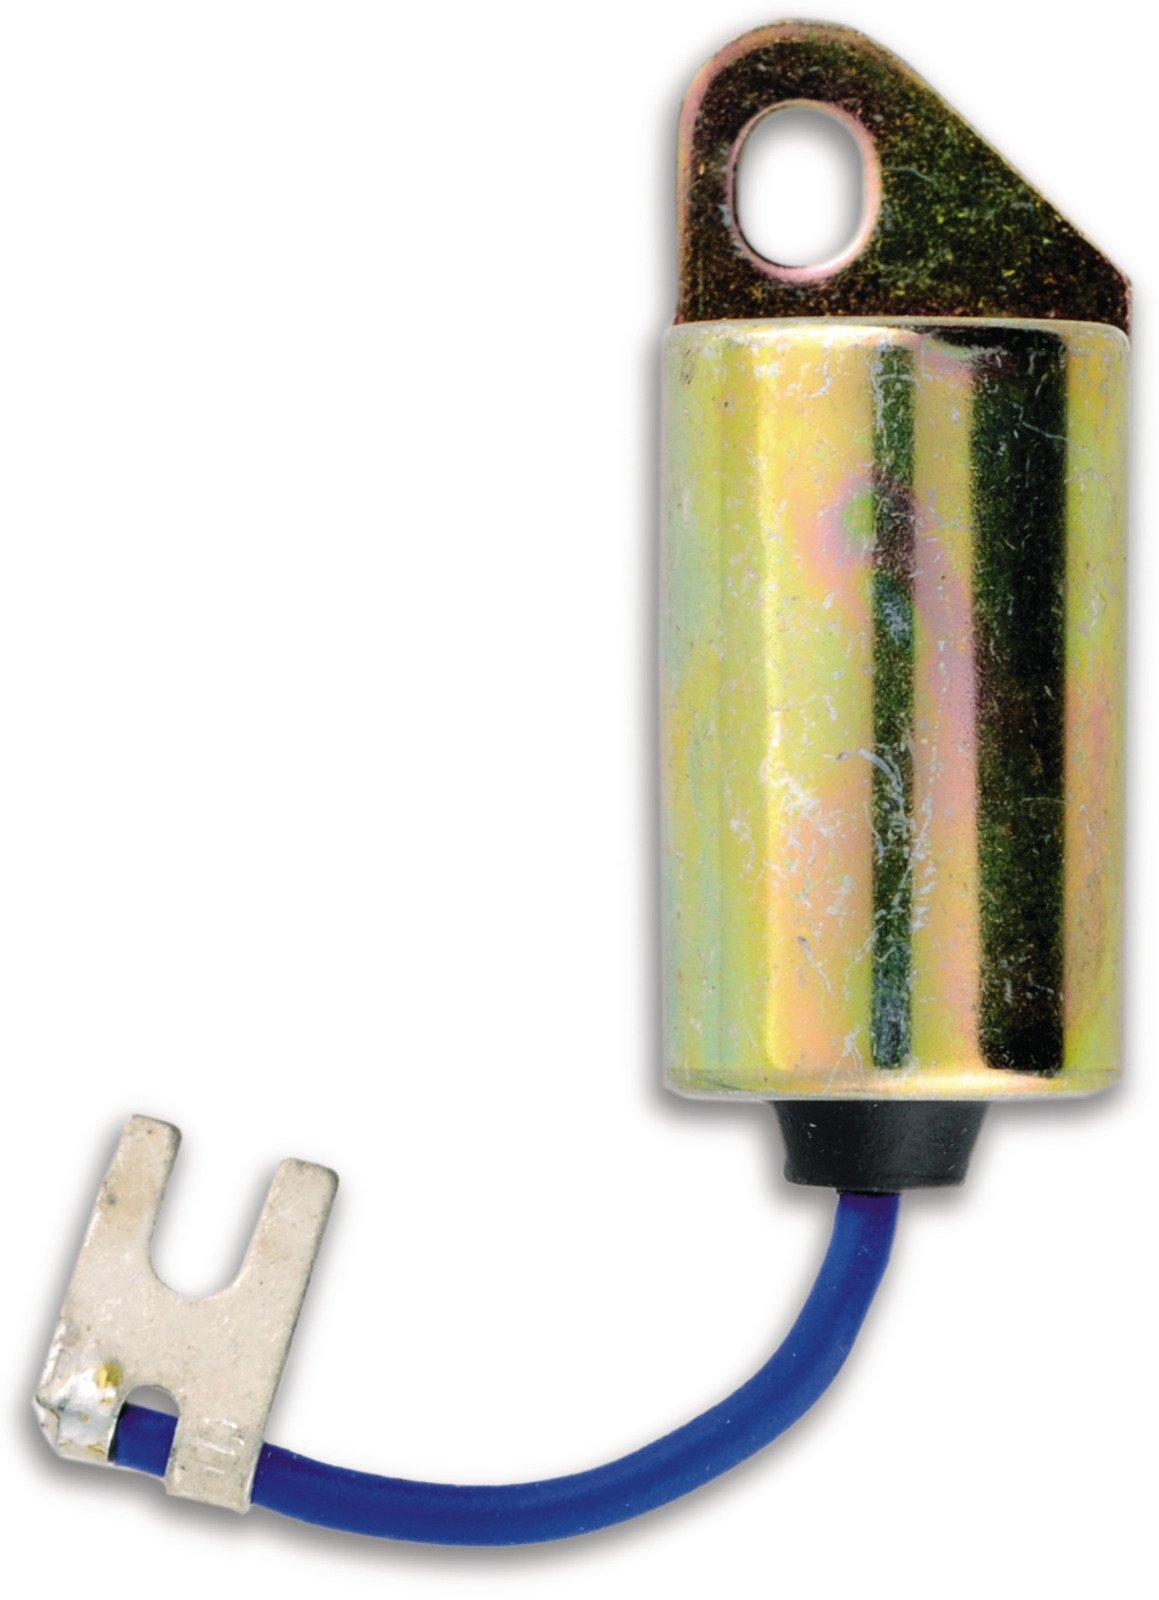 Condenser for Yamaha TT500, XT500, 1976-1981 TT500 / 1976-1979 XT500, 1-051